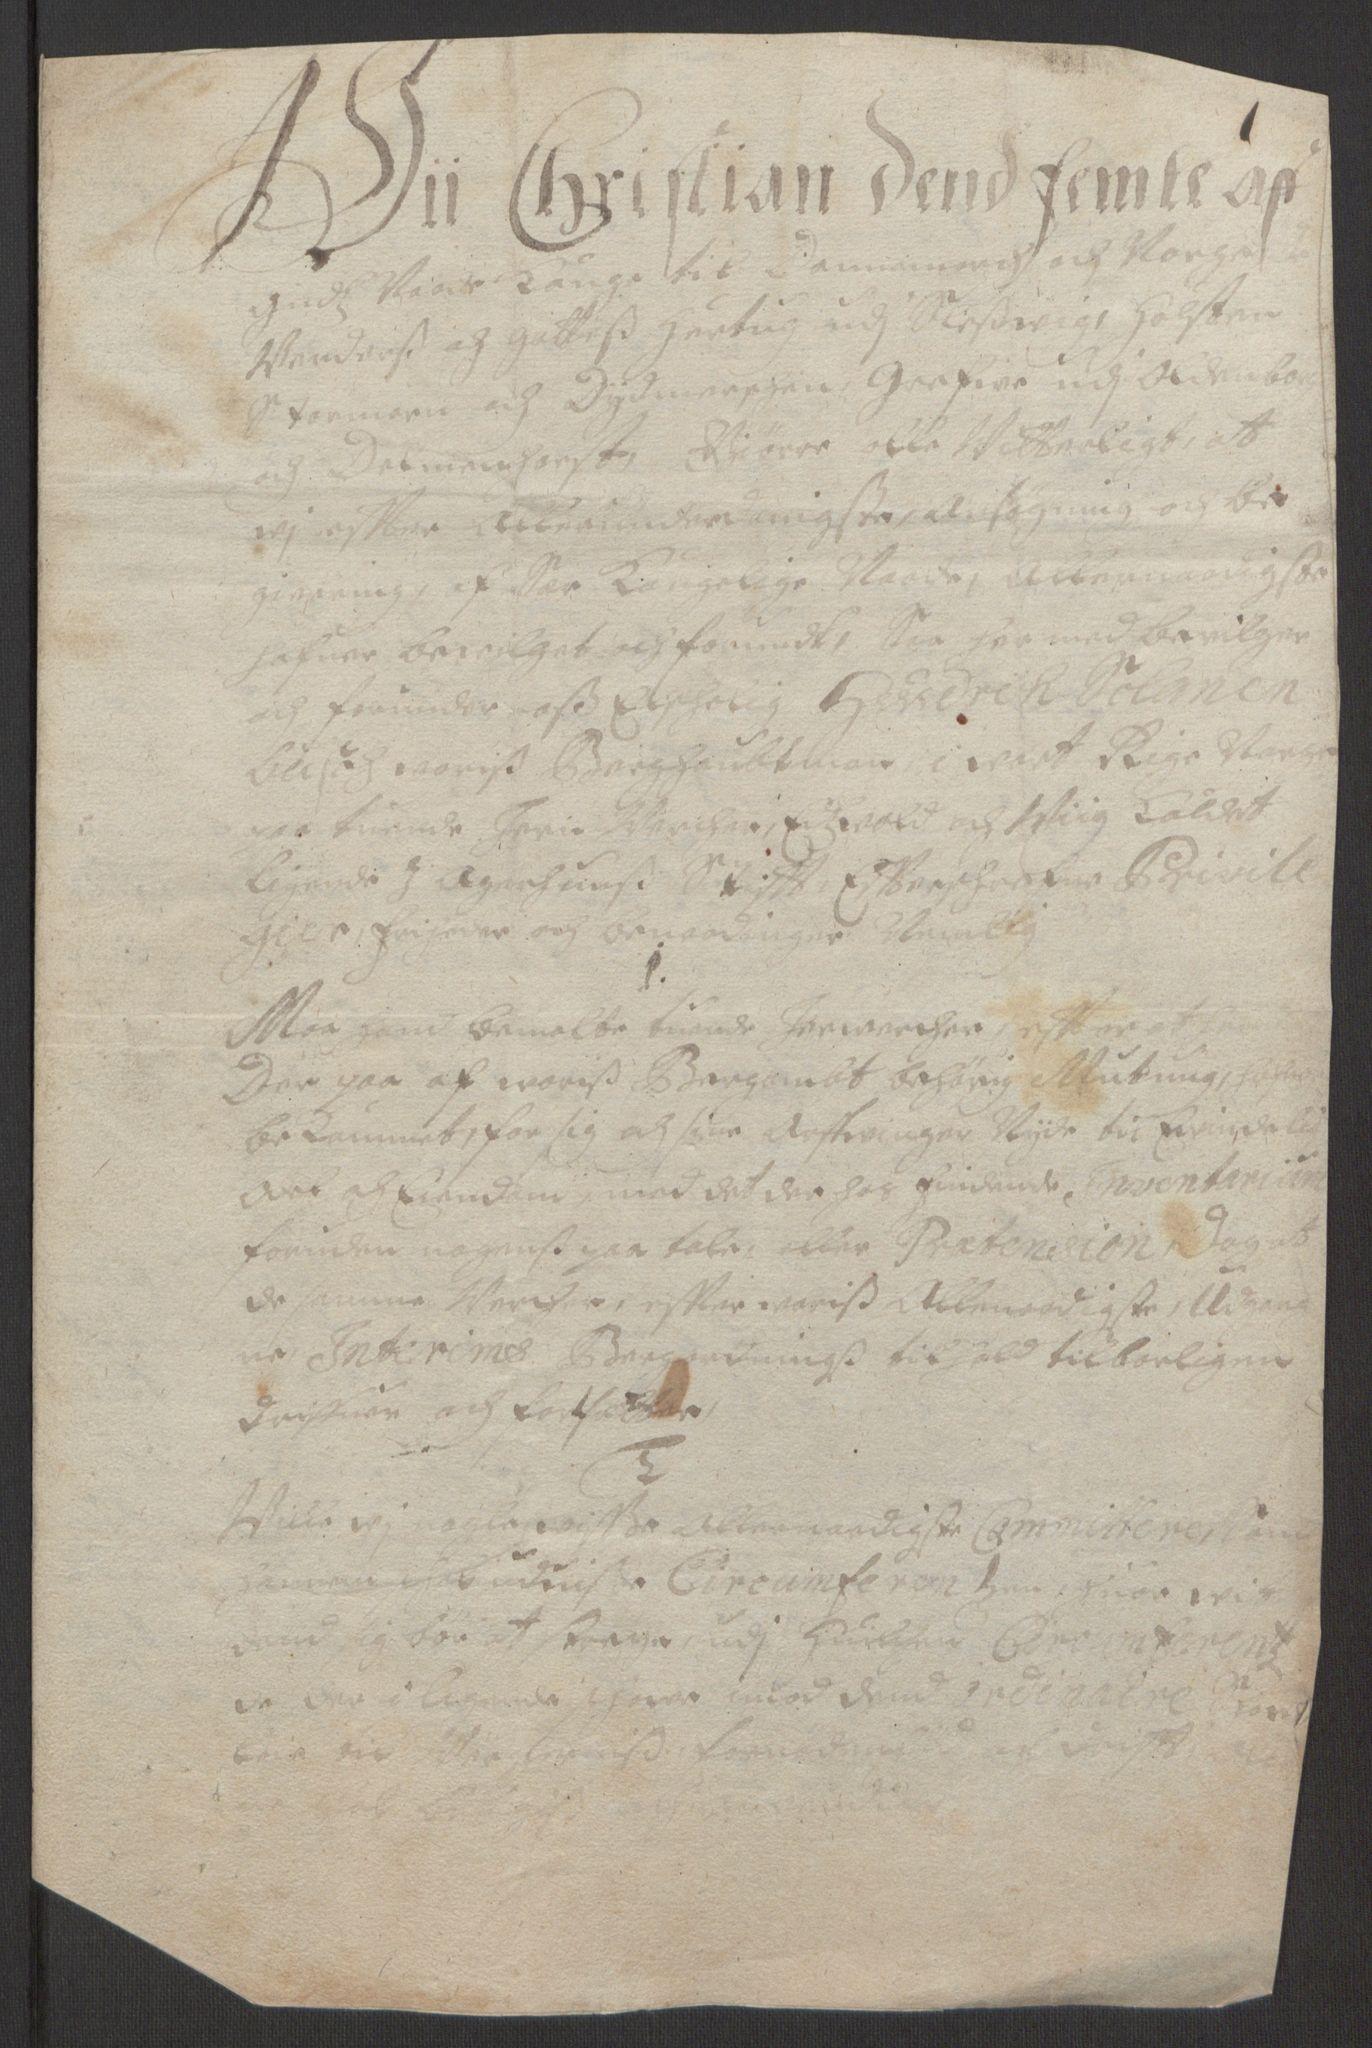 RA, Rentekammeret inntil 1814, Reviderte regnskaper, Fogderegnskap, R16/L1034: Fogderegnskap Hedmark, 1693, s. 228